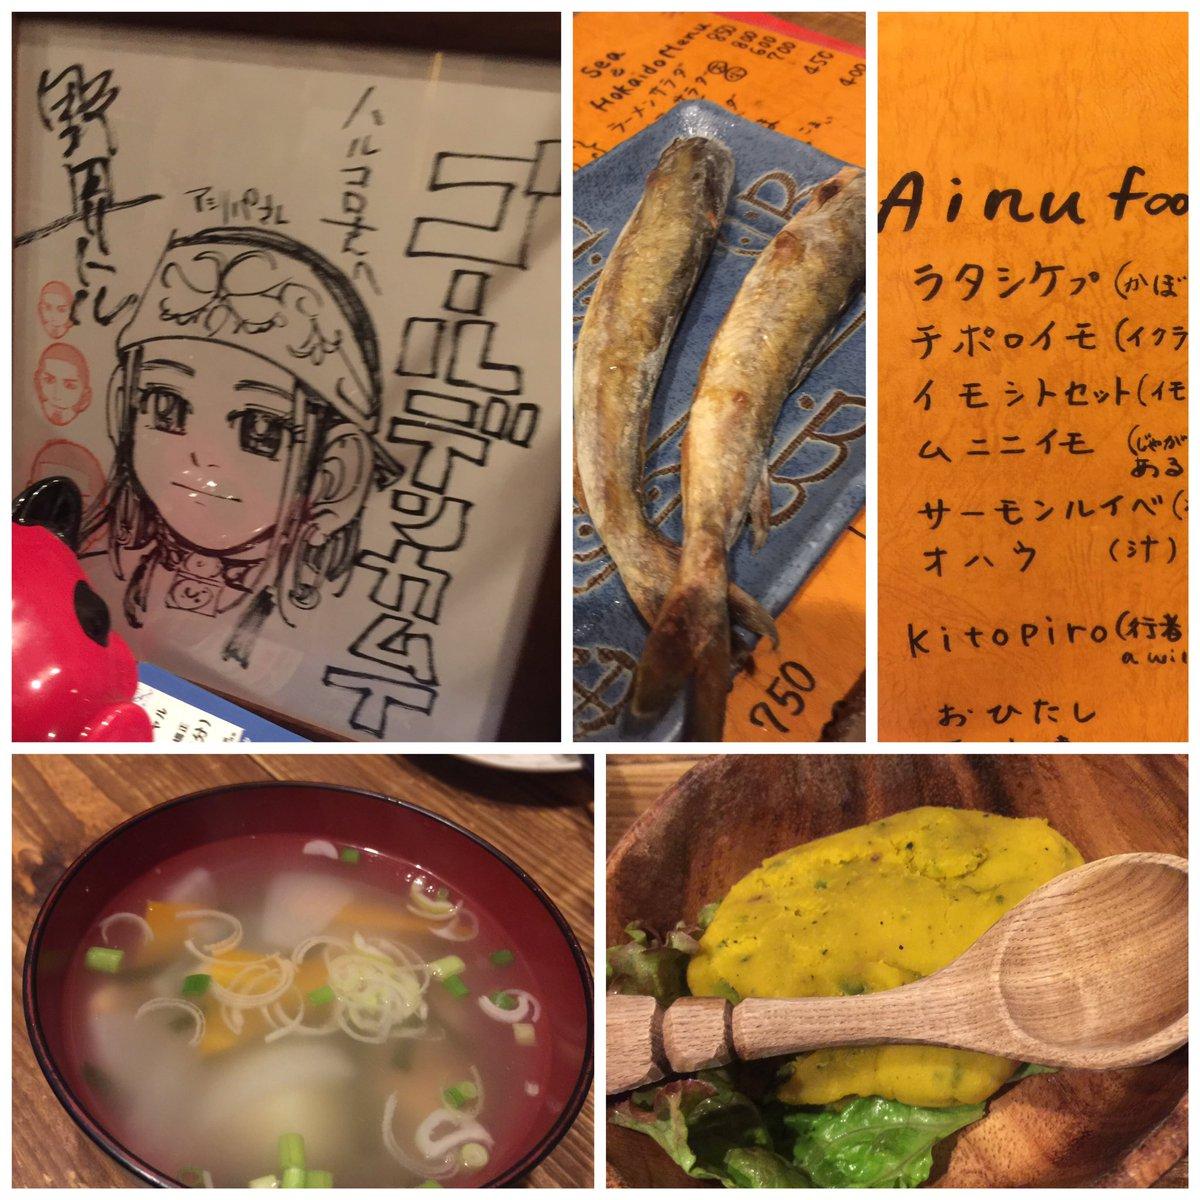 東京に一軒しかないと言われるアイヌ料理屋でゴールデンカムイ飲み。ついに『アシリパ』の正しい発音を知る。特に行者ニンニクを使った鹿肉料理とオハウがヒンナなのでオススメです!ヒンナヒンナ!(*`Д´*) https://t.co/ZuVeB7EzcQ